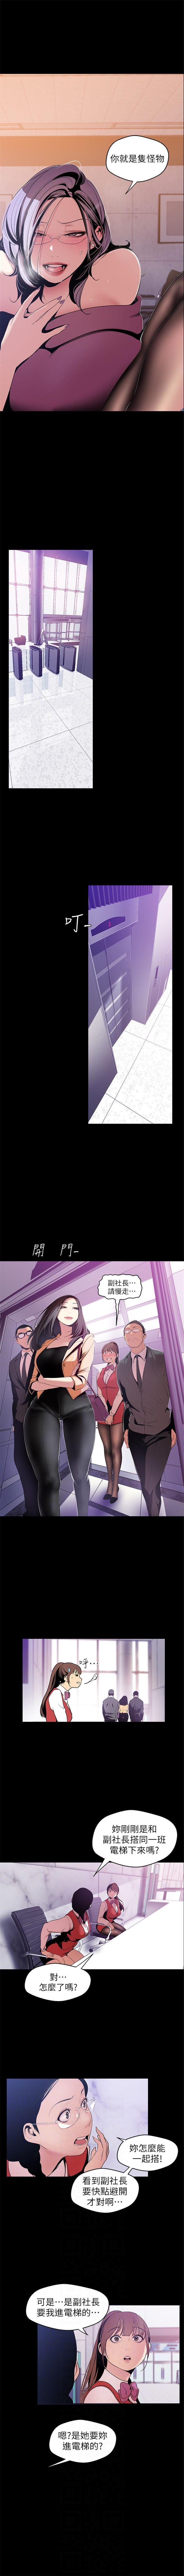 (週1)美麗新世界 1-70 中文翻譯 (更新中) 429